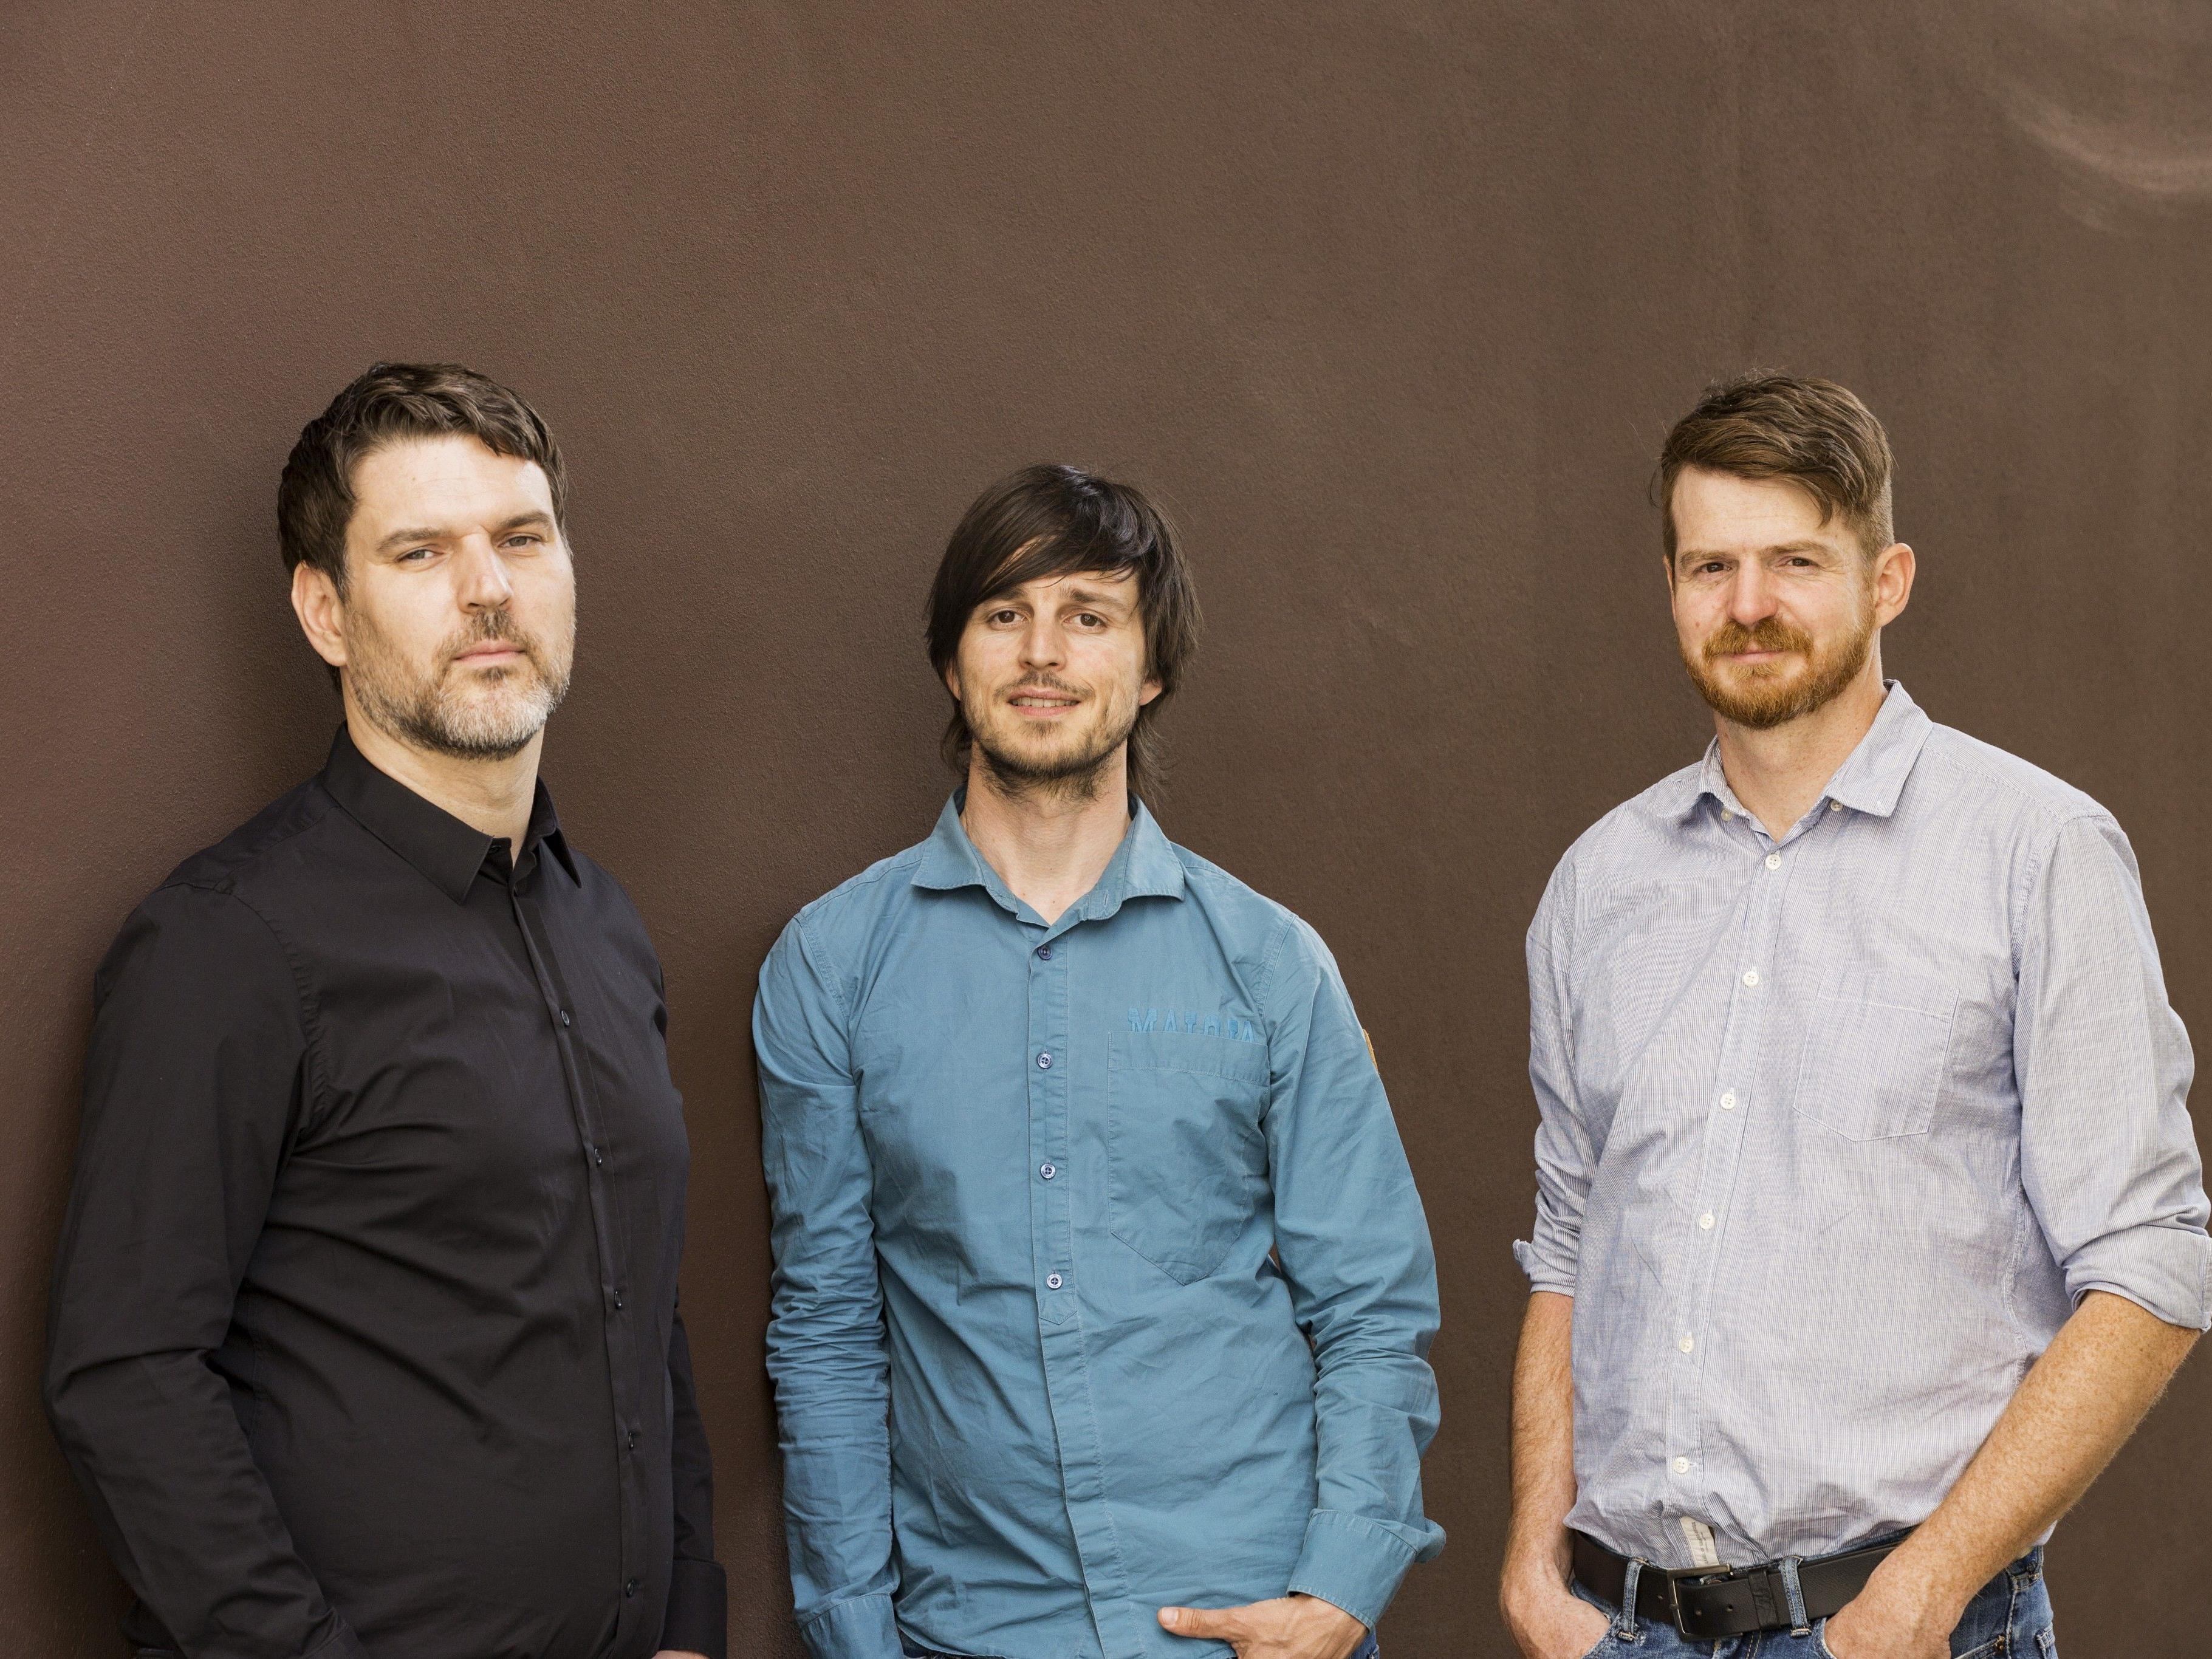 Die Inhaber der jungen Vorarlberger Softwareschmiede Zemtu OG: Philipp Metzler, Dominik Bartenstein und Roland Kainbacher (von links).